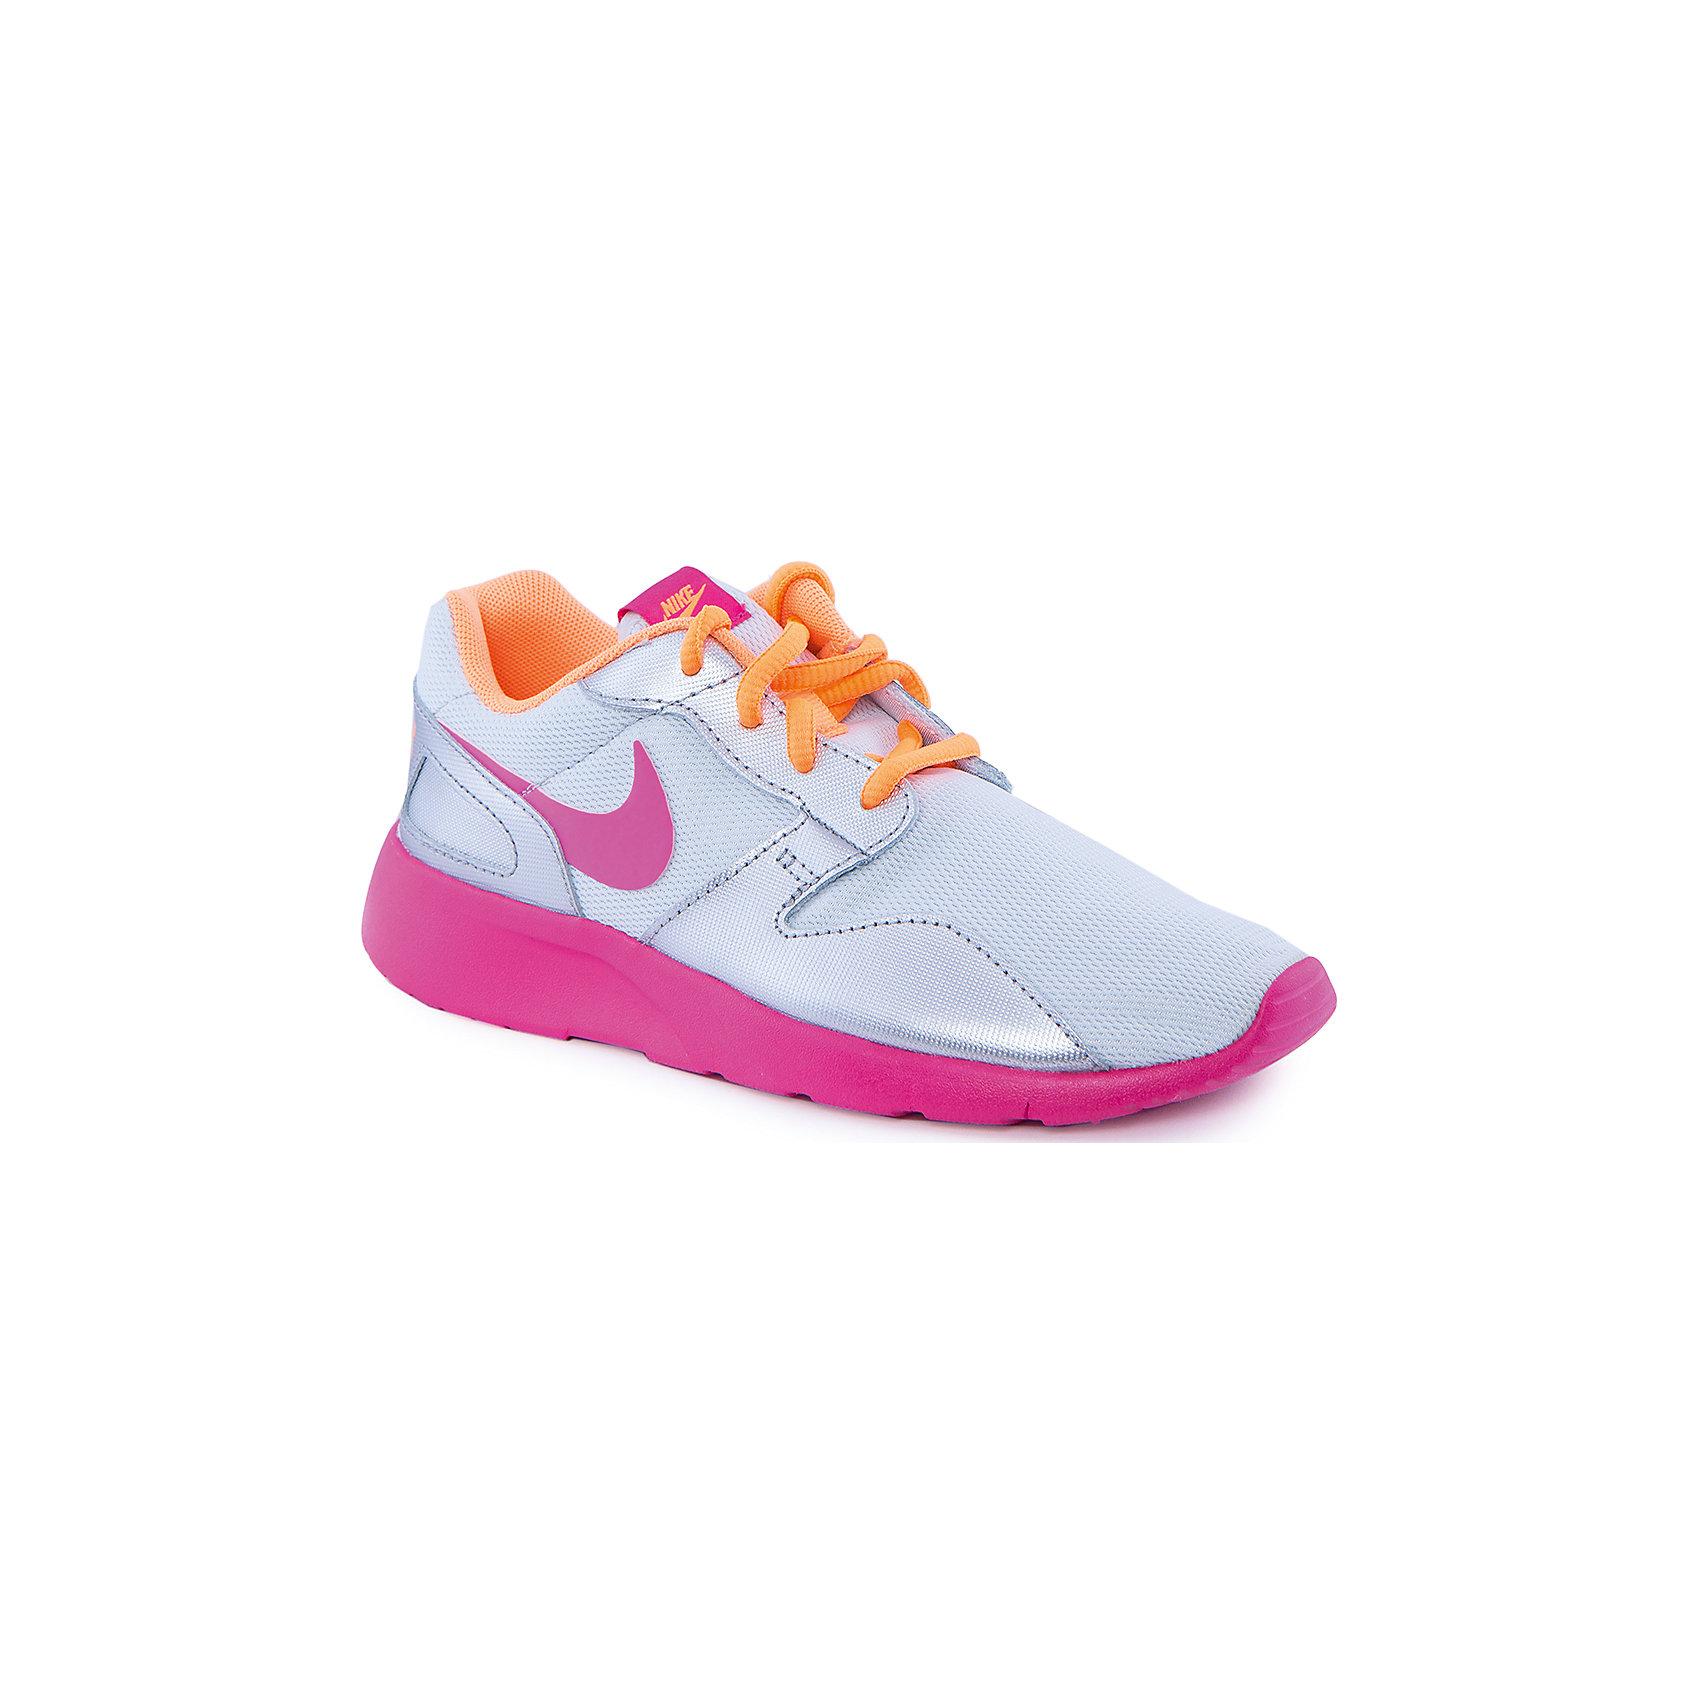 Кроссовки для девочки NIKE KAISHI (GS) NIKEОблегченные кроссовки Nike Kaishi сочетают дизайн серии Roshe Run и технологиии Air Flow. Верх выполнен из натуральной кожи с вставками из воздухопроницаемого материала.  Амортизирующая  подошва с вафельным протектором обеспечивает надежное сцеплене с поверхностью.<br><br>Дополнительная информация:<br><br>Материал:<br>верх: натуральная кожа 51%, синтетическая кожа 5%, текстиль 44%<br>внутри: текстиль 100%<br>подошва: пластик 100%<br><br>Кроссовки для девочки NIKE KAISHI (GS) NIKE (Найк) можно купить в нашем магазине.<br><br>Ширина мм: 250<br>Глубина мм: 150<br>Высота мм: 150<br>Вес г: 250<br>Цвет: разноцветный<br>Возраст от месяцев: 132<br>Возраст до месяцев: 144<br>Пол: Женский<br>Возраст: Детский<br>Размер: 35.5,37.5,36.5,35,34.5,37<br>SKU: 4217458